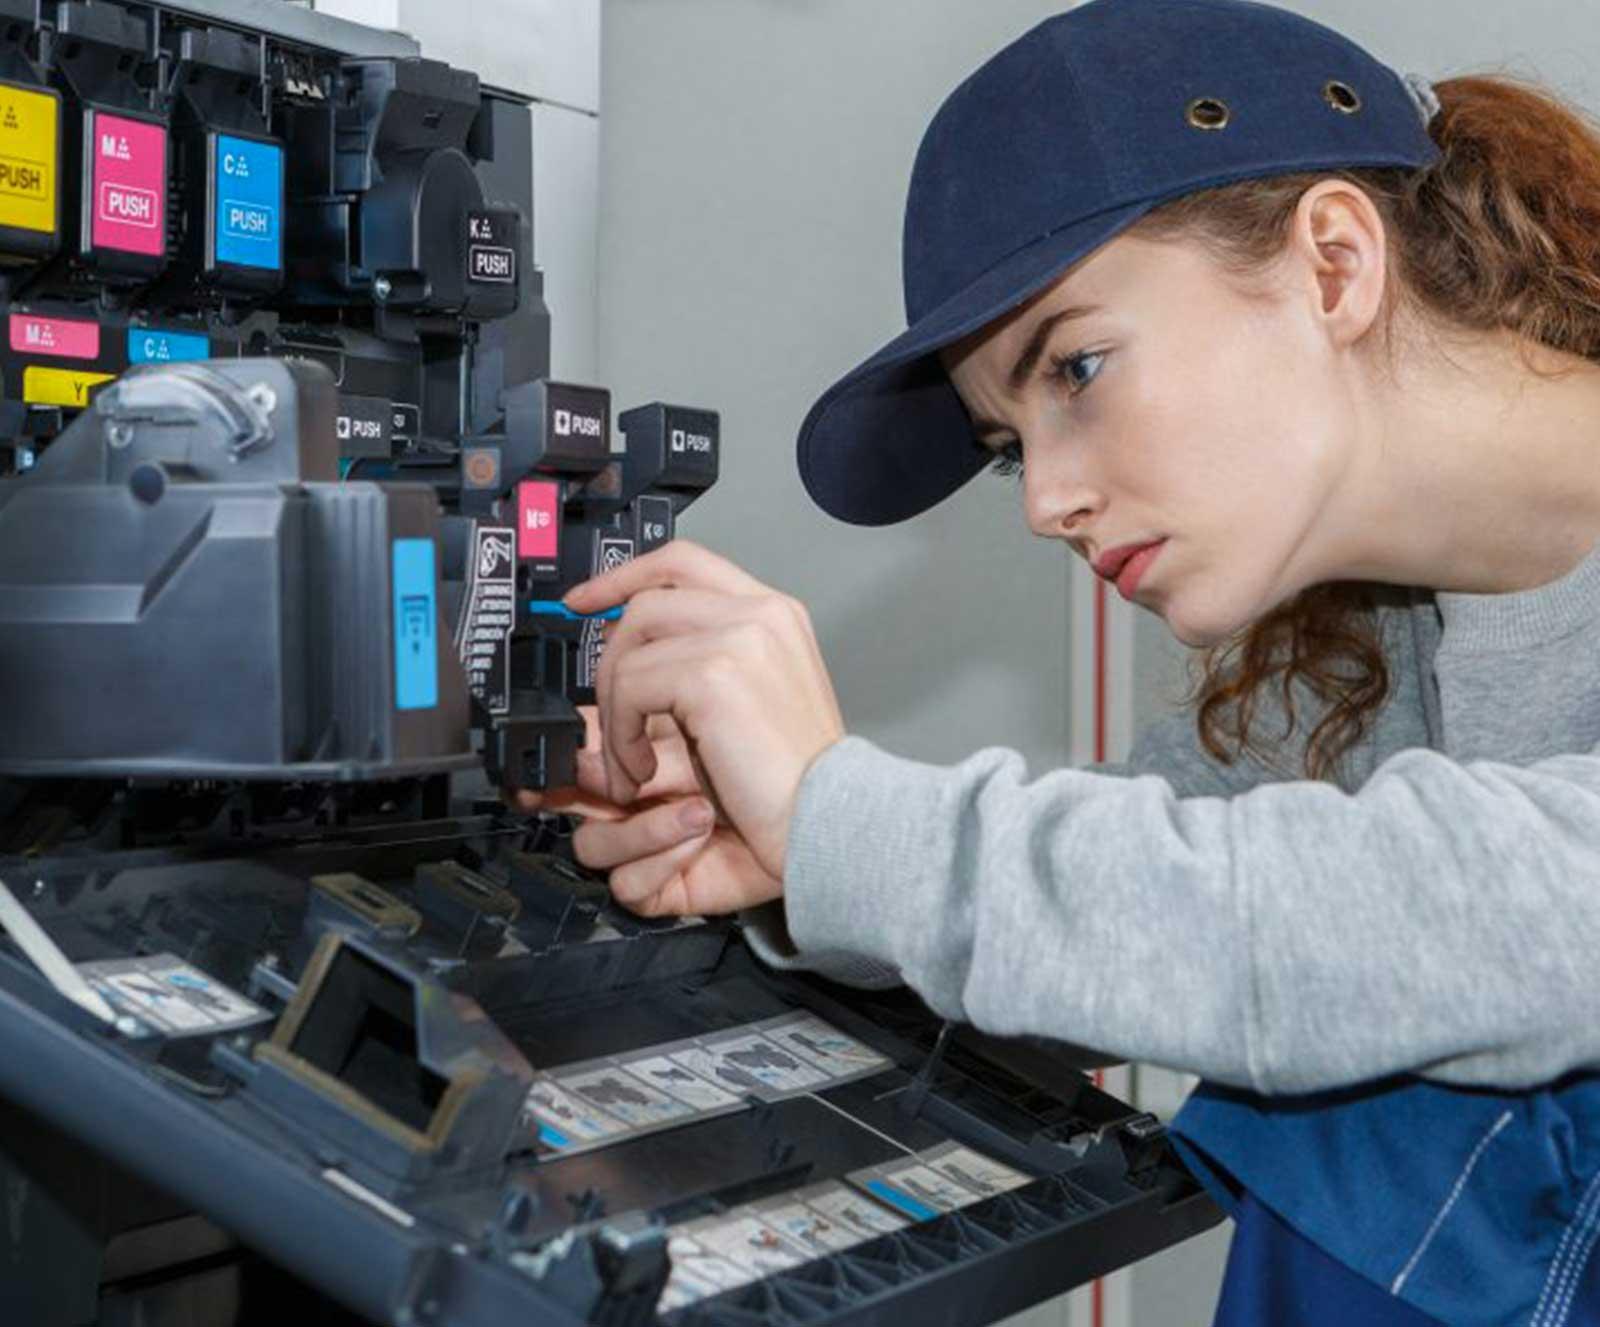 Stampanti ricondizionate garantite un anno e tecnici esperti per la manutenzione